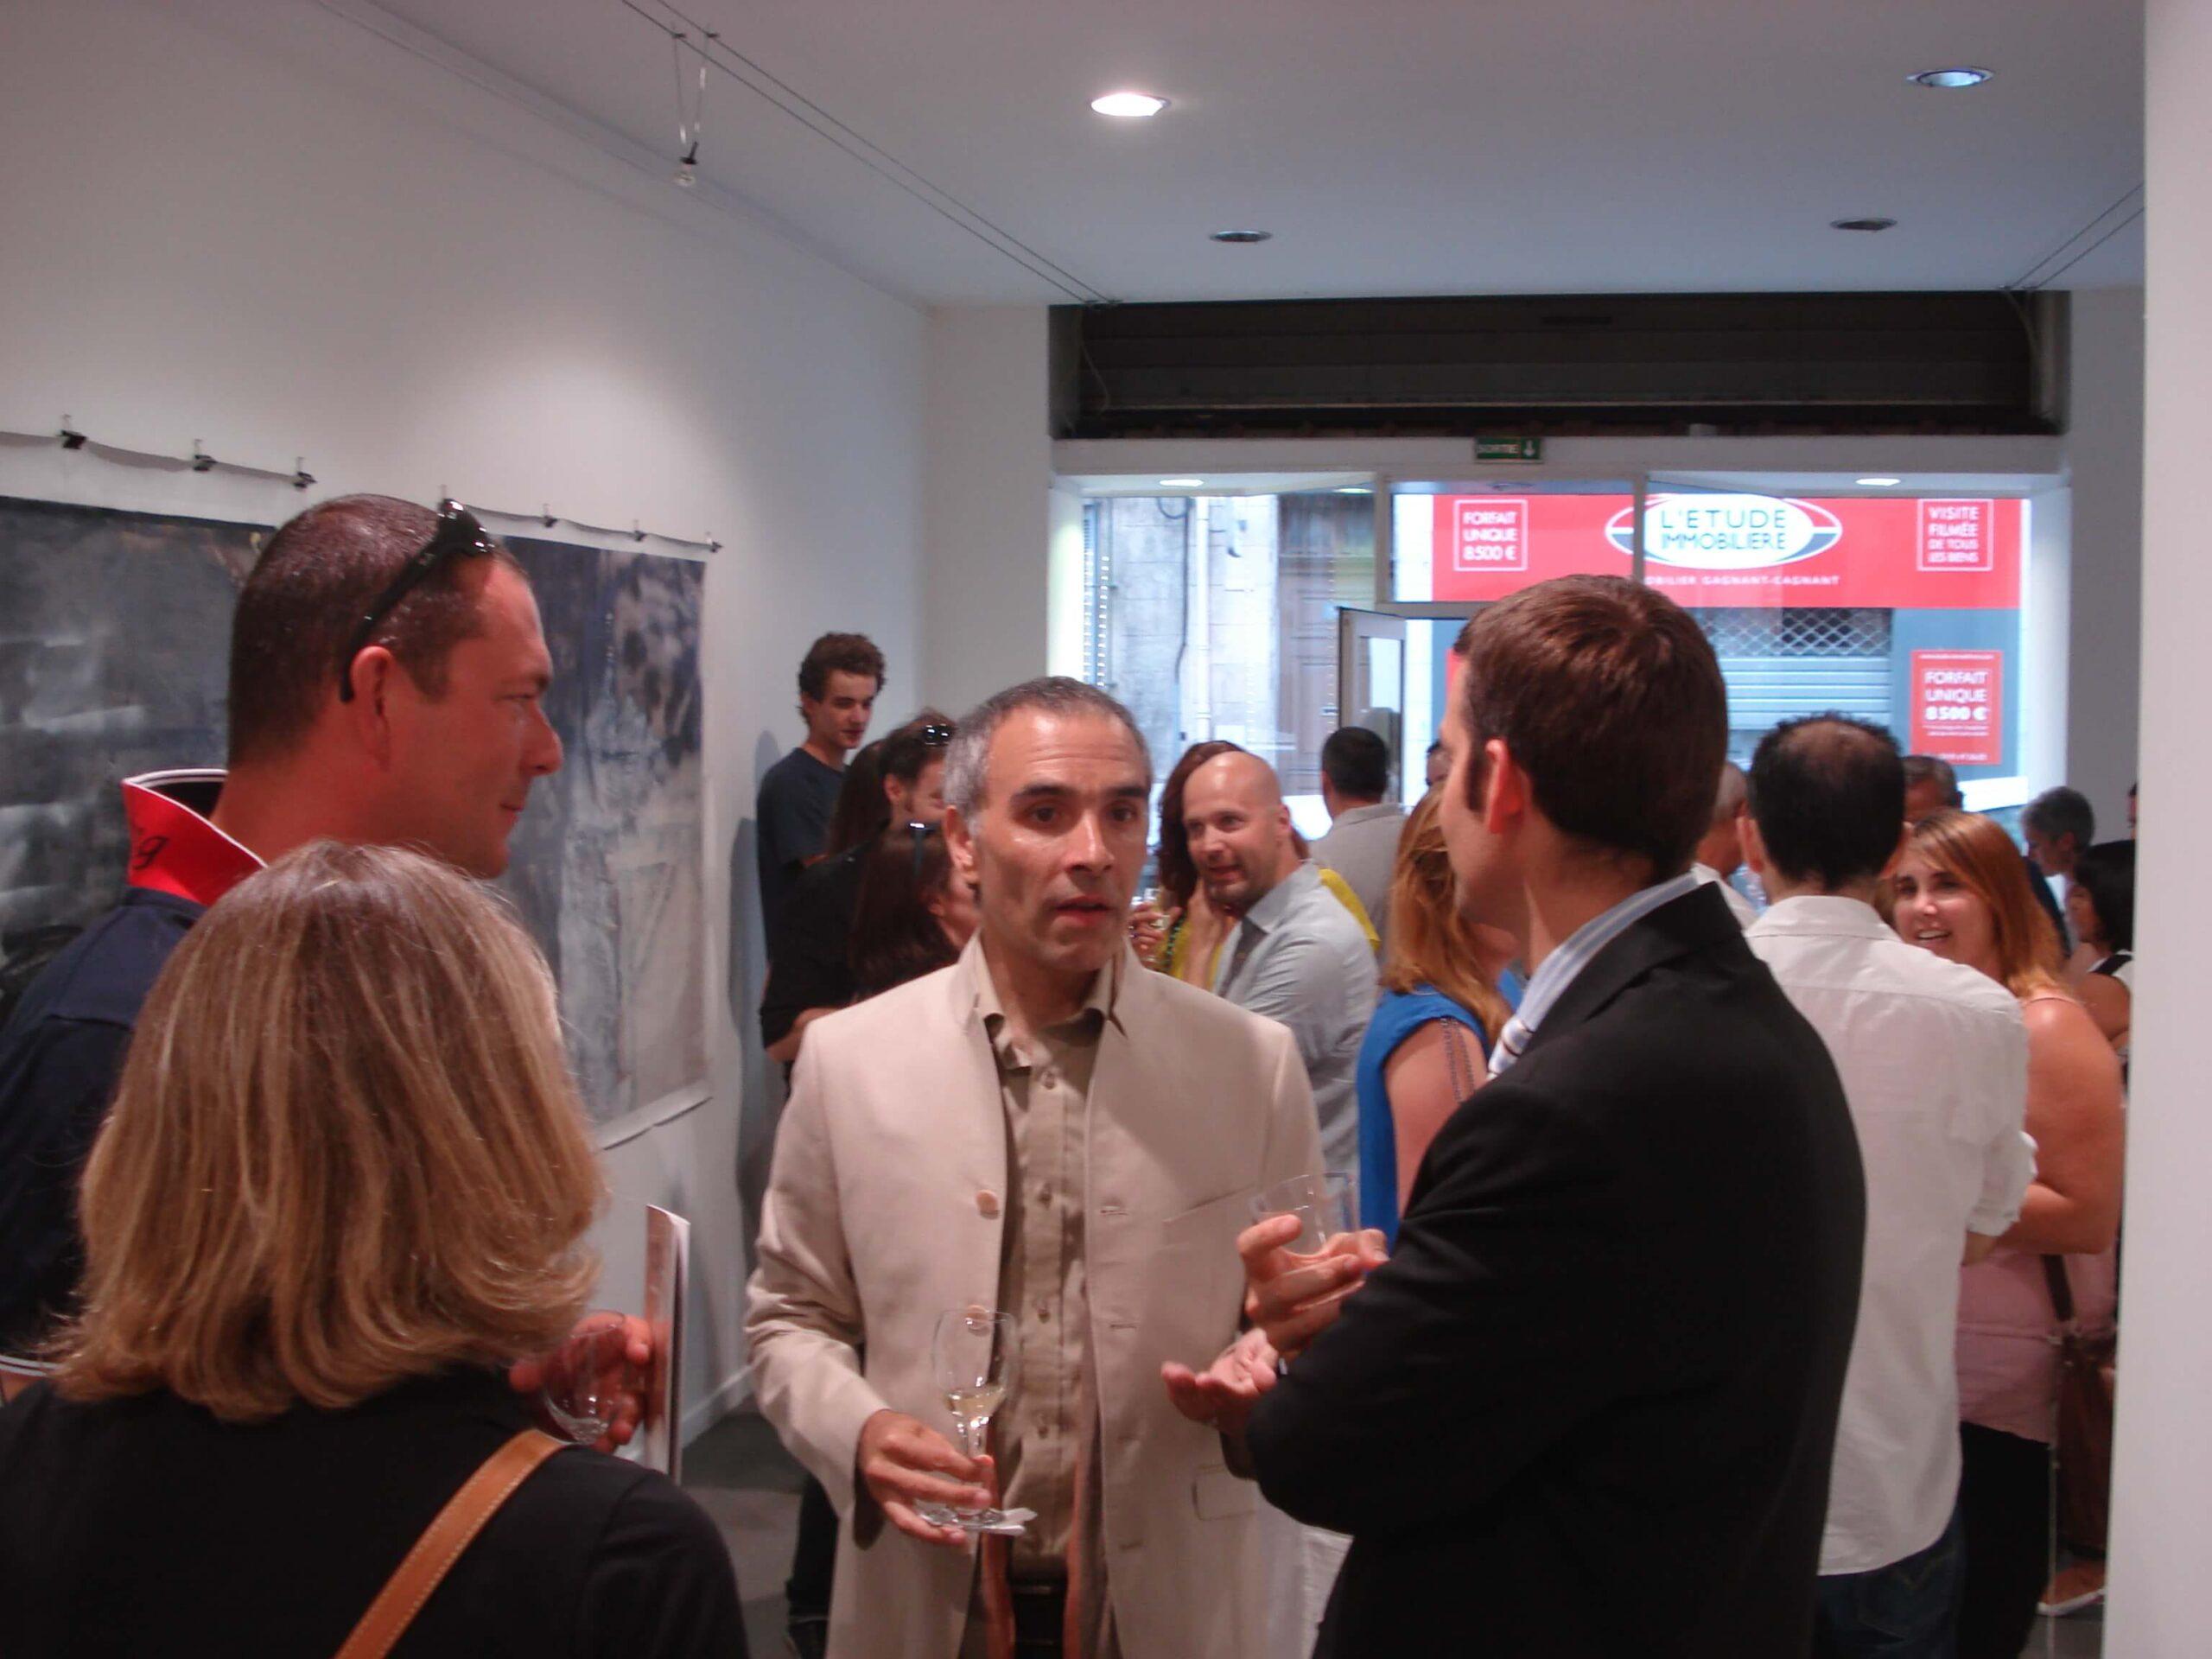 inauguración en la galería Paradis